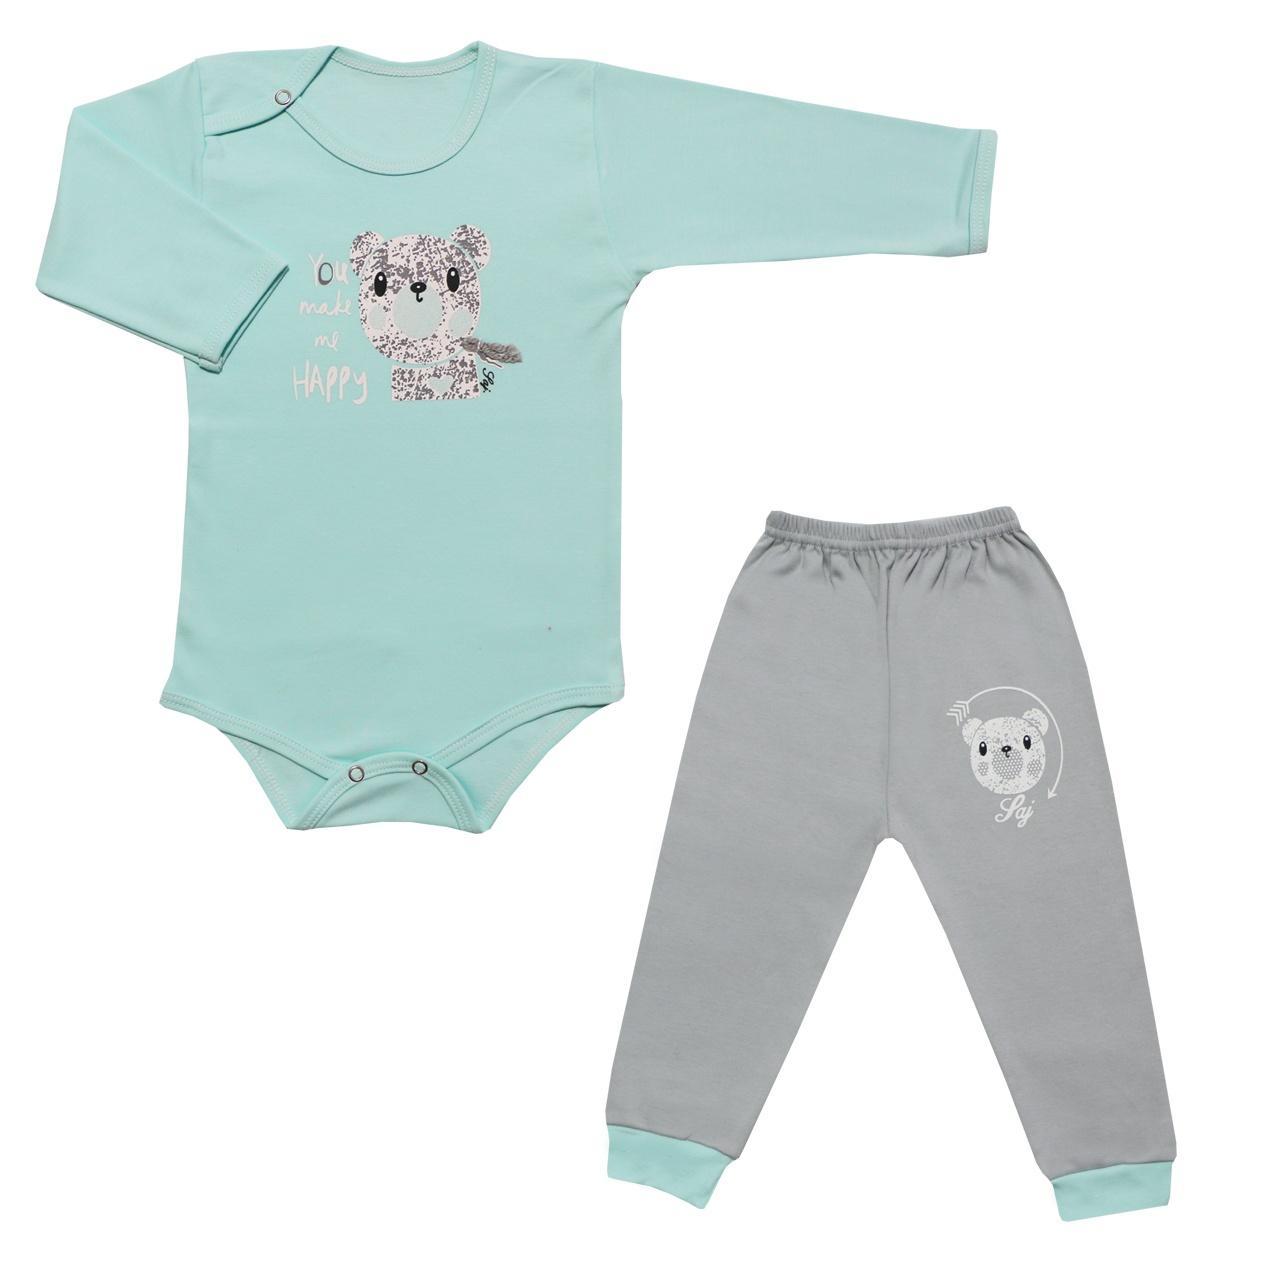 ست بادی آستین بلند و شلوار نوزادی طرح خرس کد 10-11